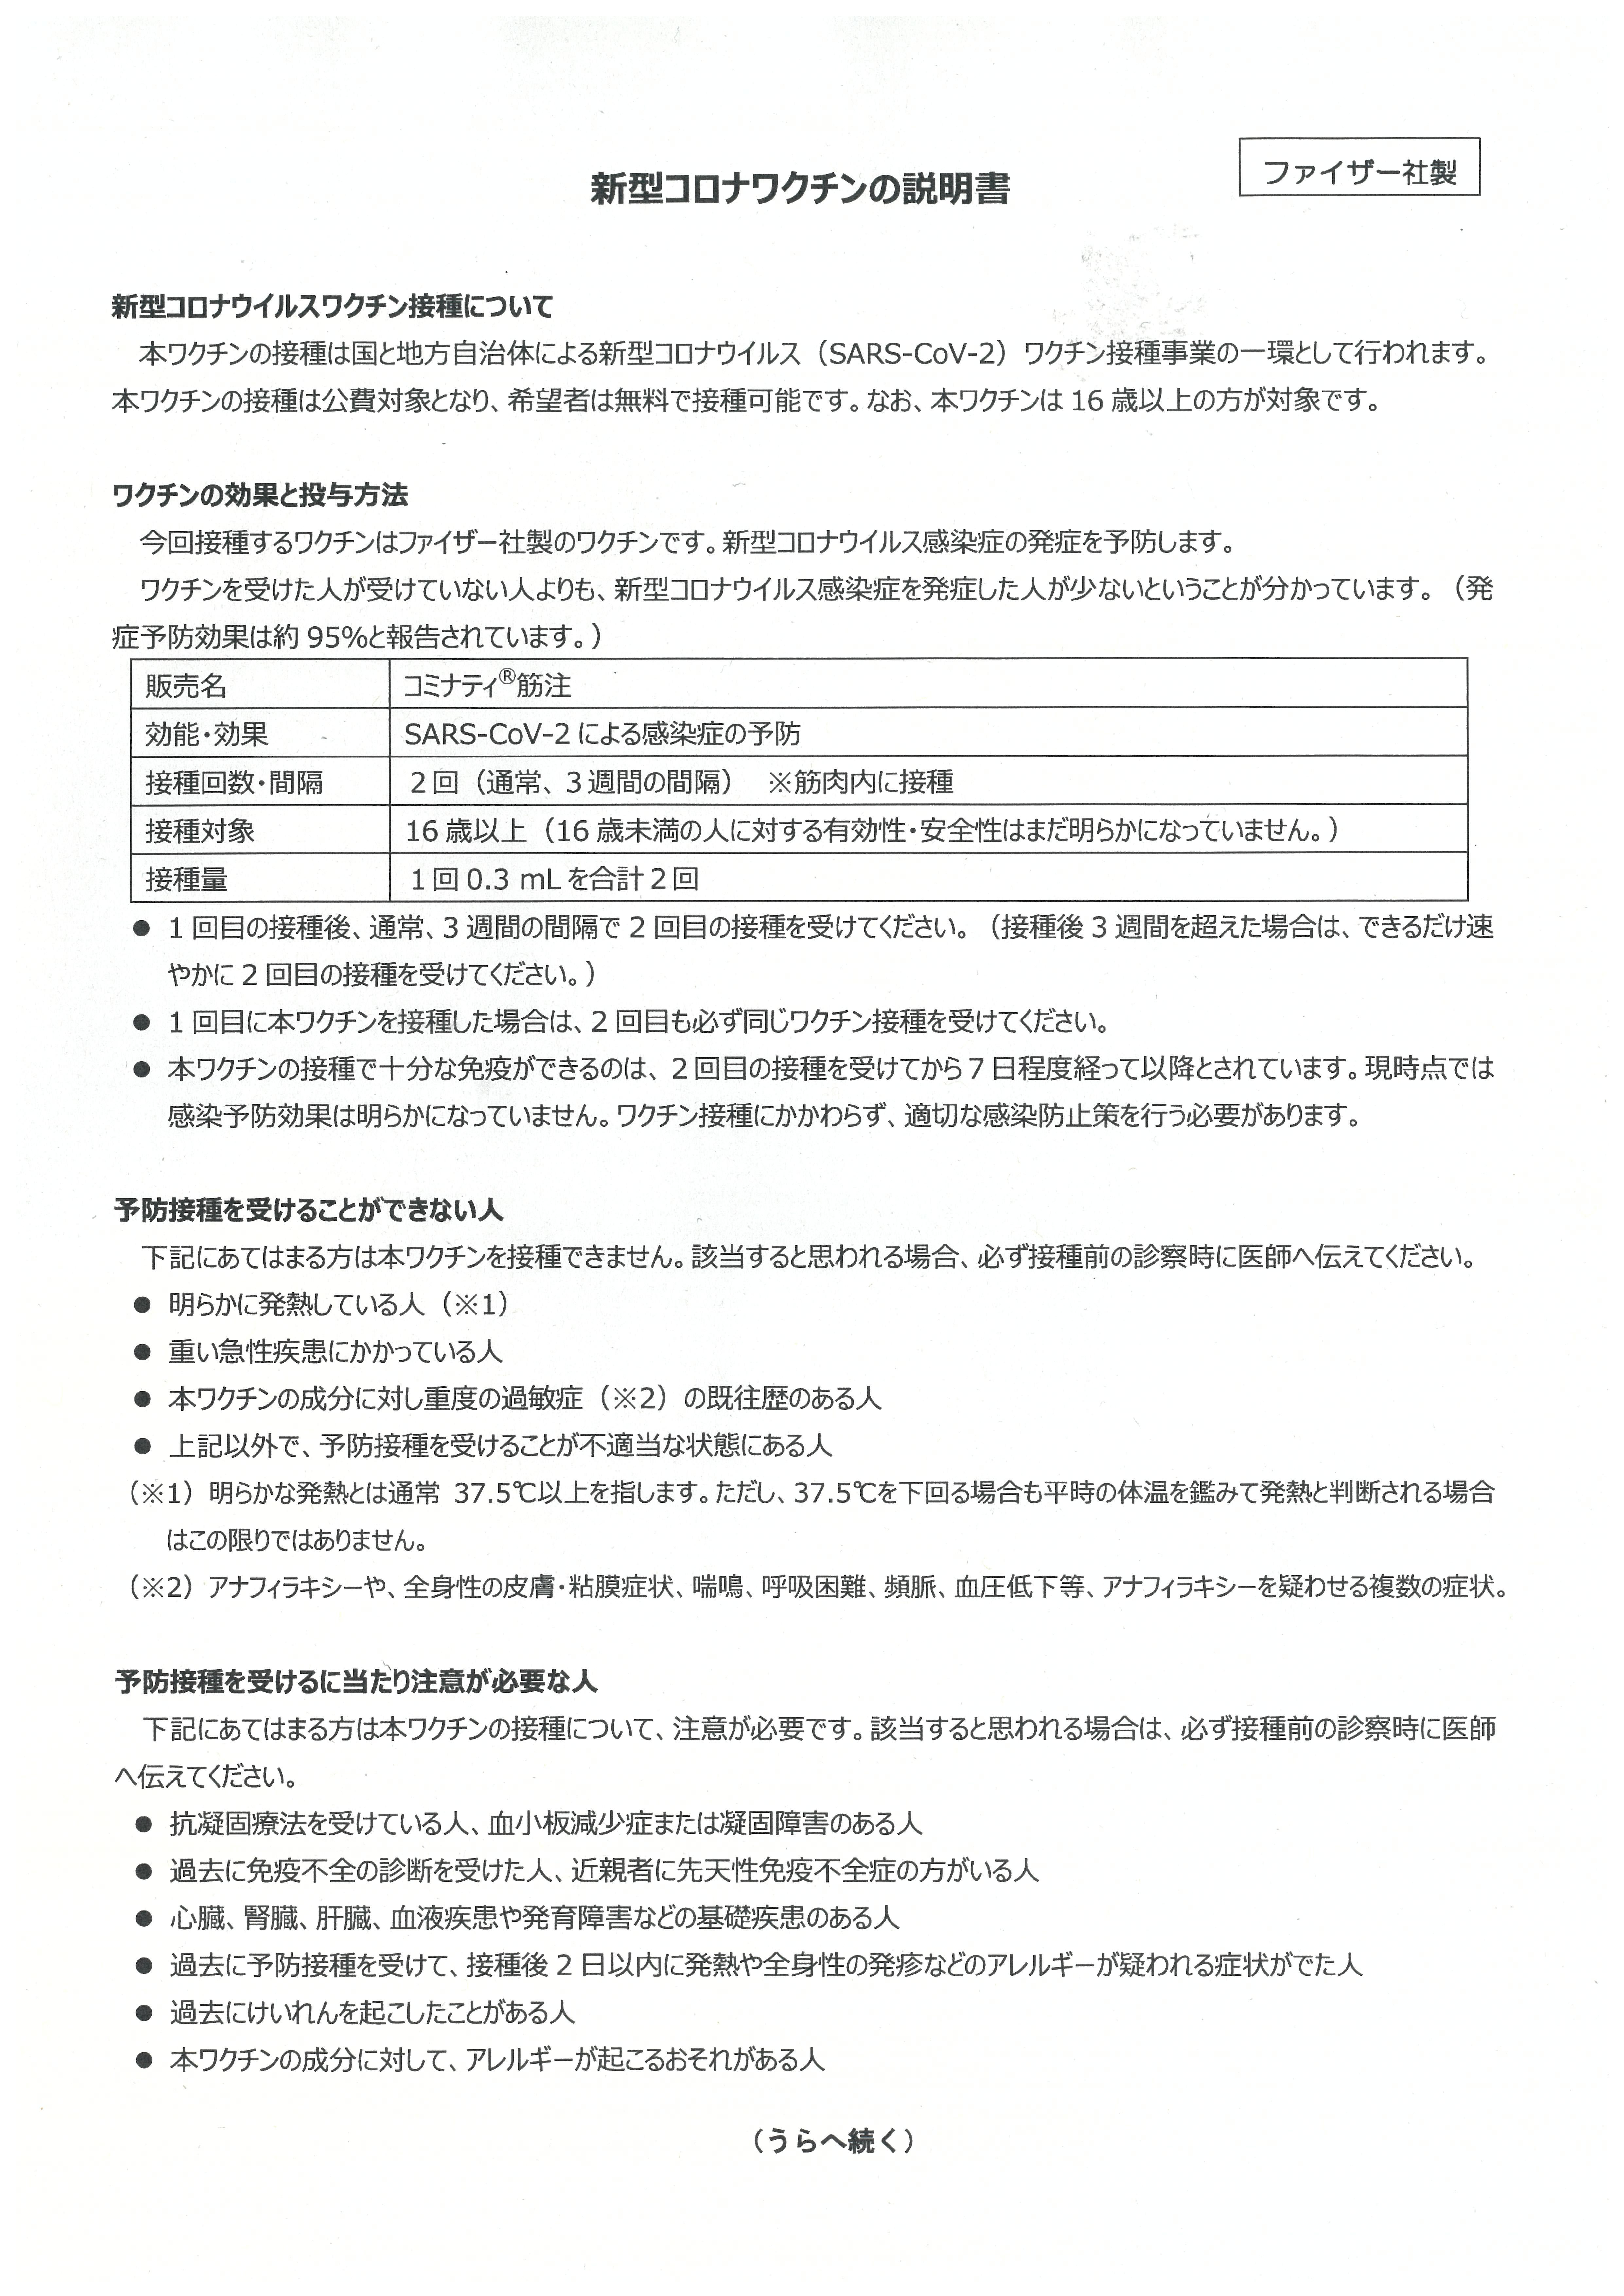 新型コロナワクチンの説明書(表)